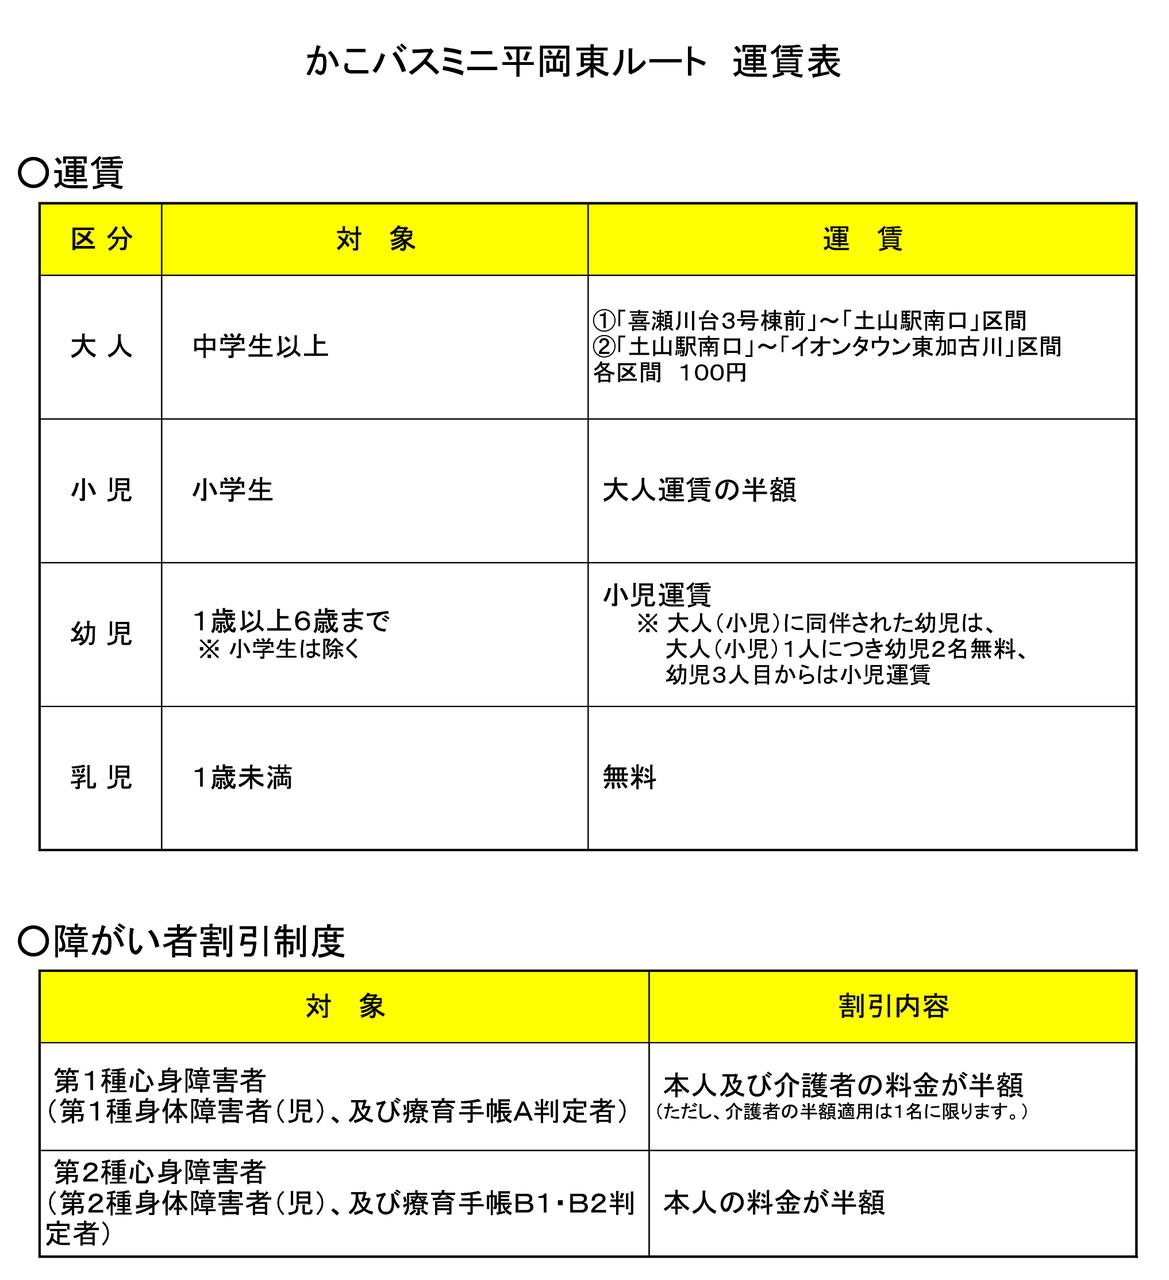 かこバスミニ「平岡東ルート」運賃表(案)